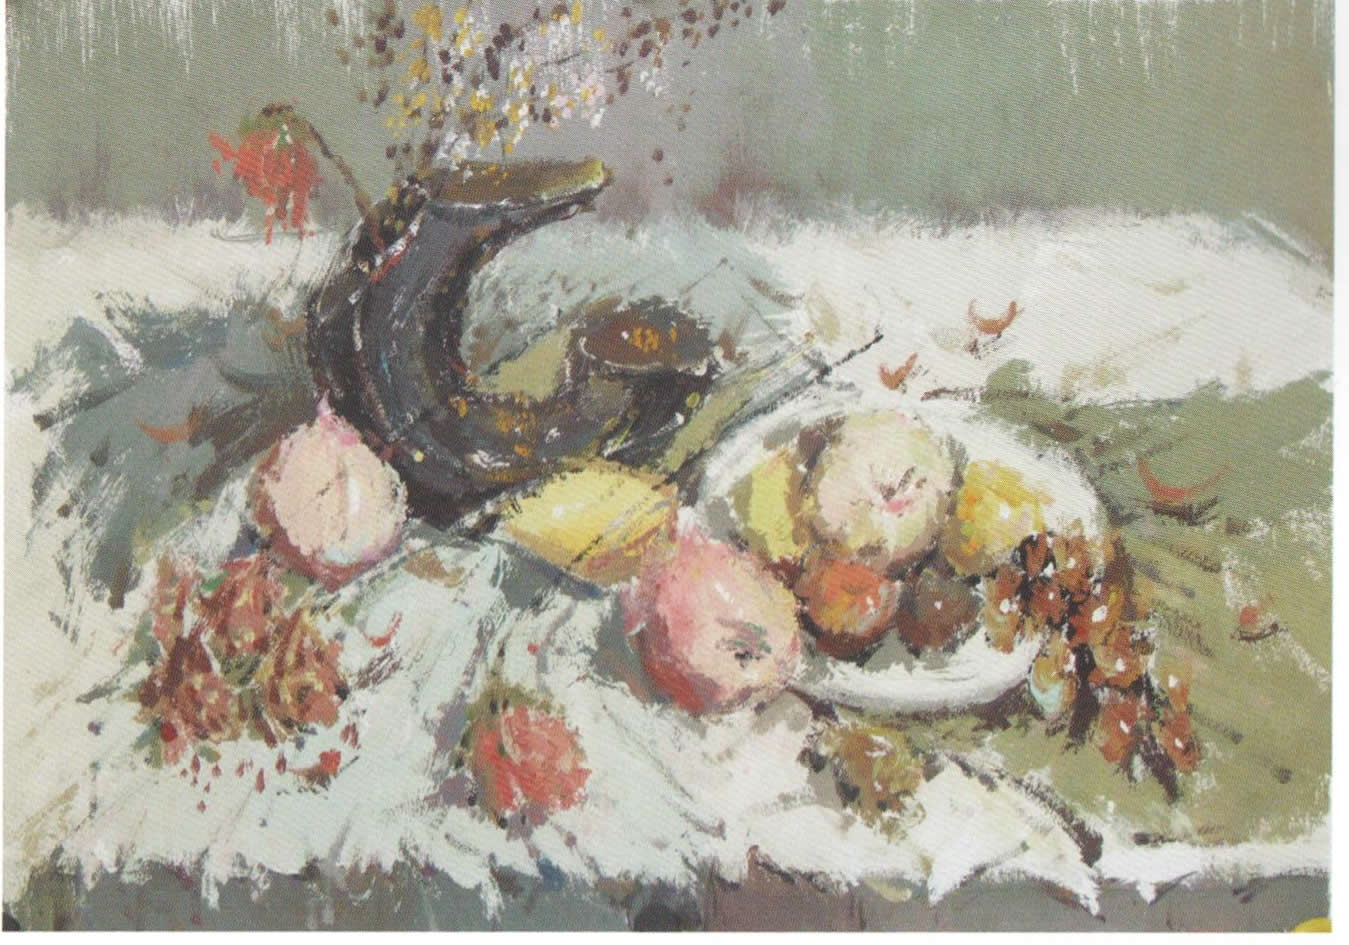 合肥紫蓬山艺术绘画基地培训学校美术专业就业前景分析图片